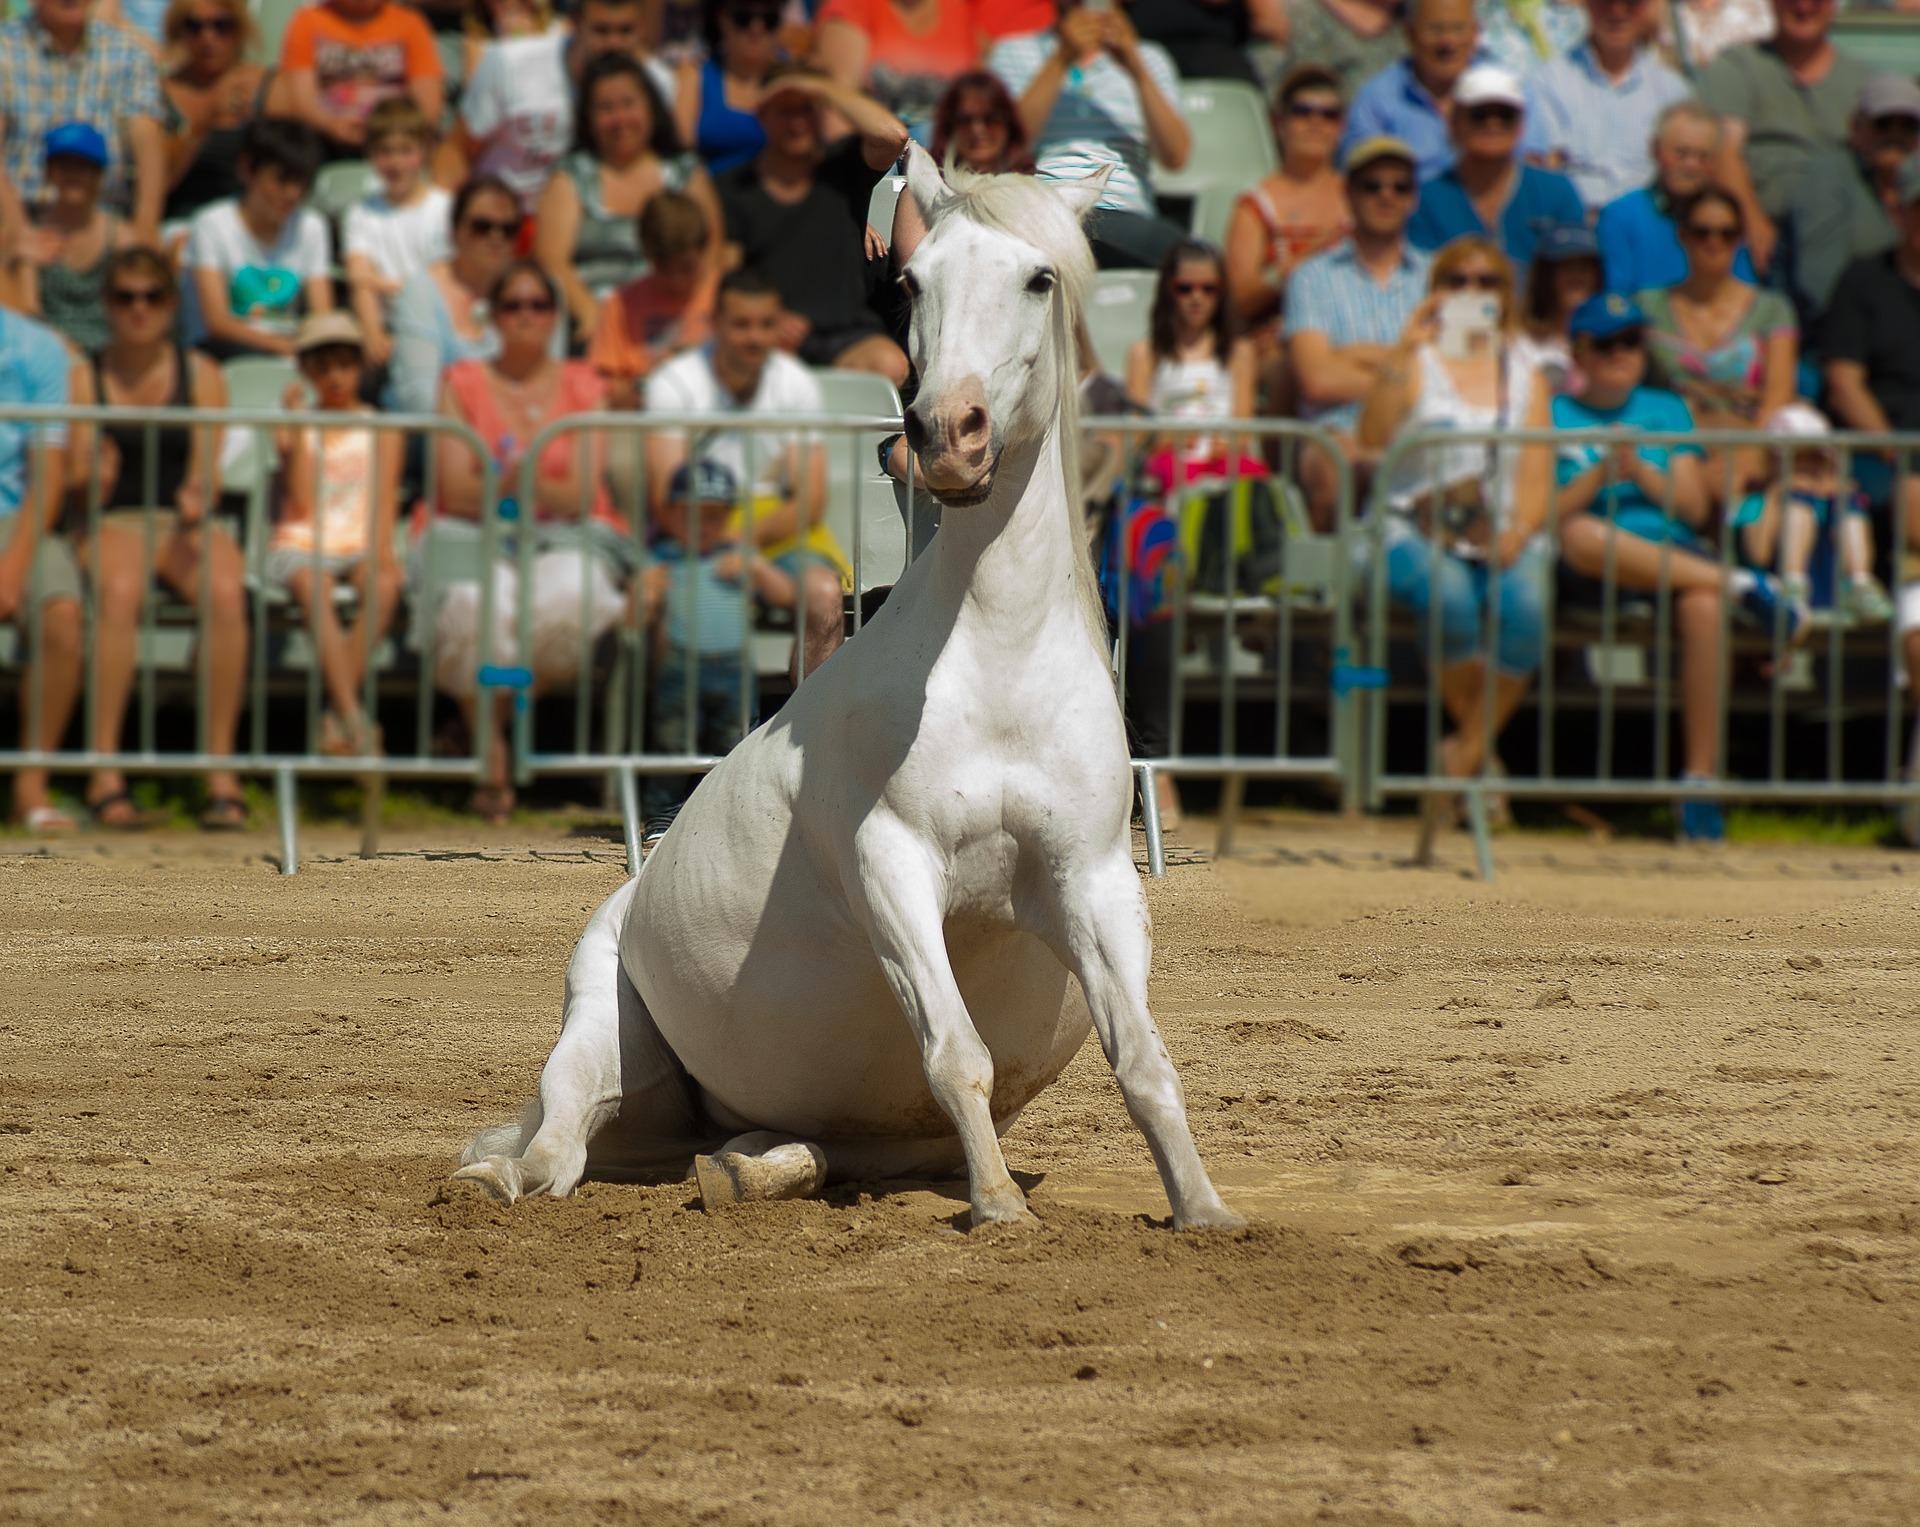 Est-ce-que votre cheval est à l'aise face à un public ?